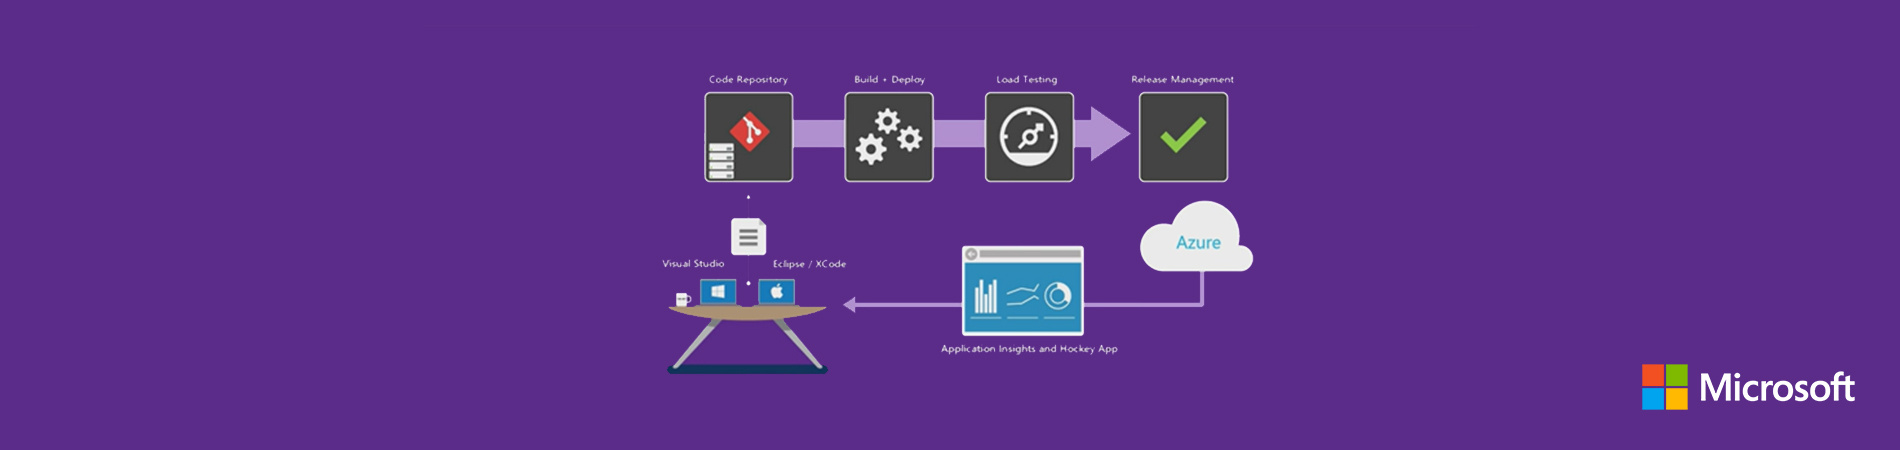 Автоматизация CI-CD для Java приложений с помощью Microsoft Visual Studio Team Services - 1